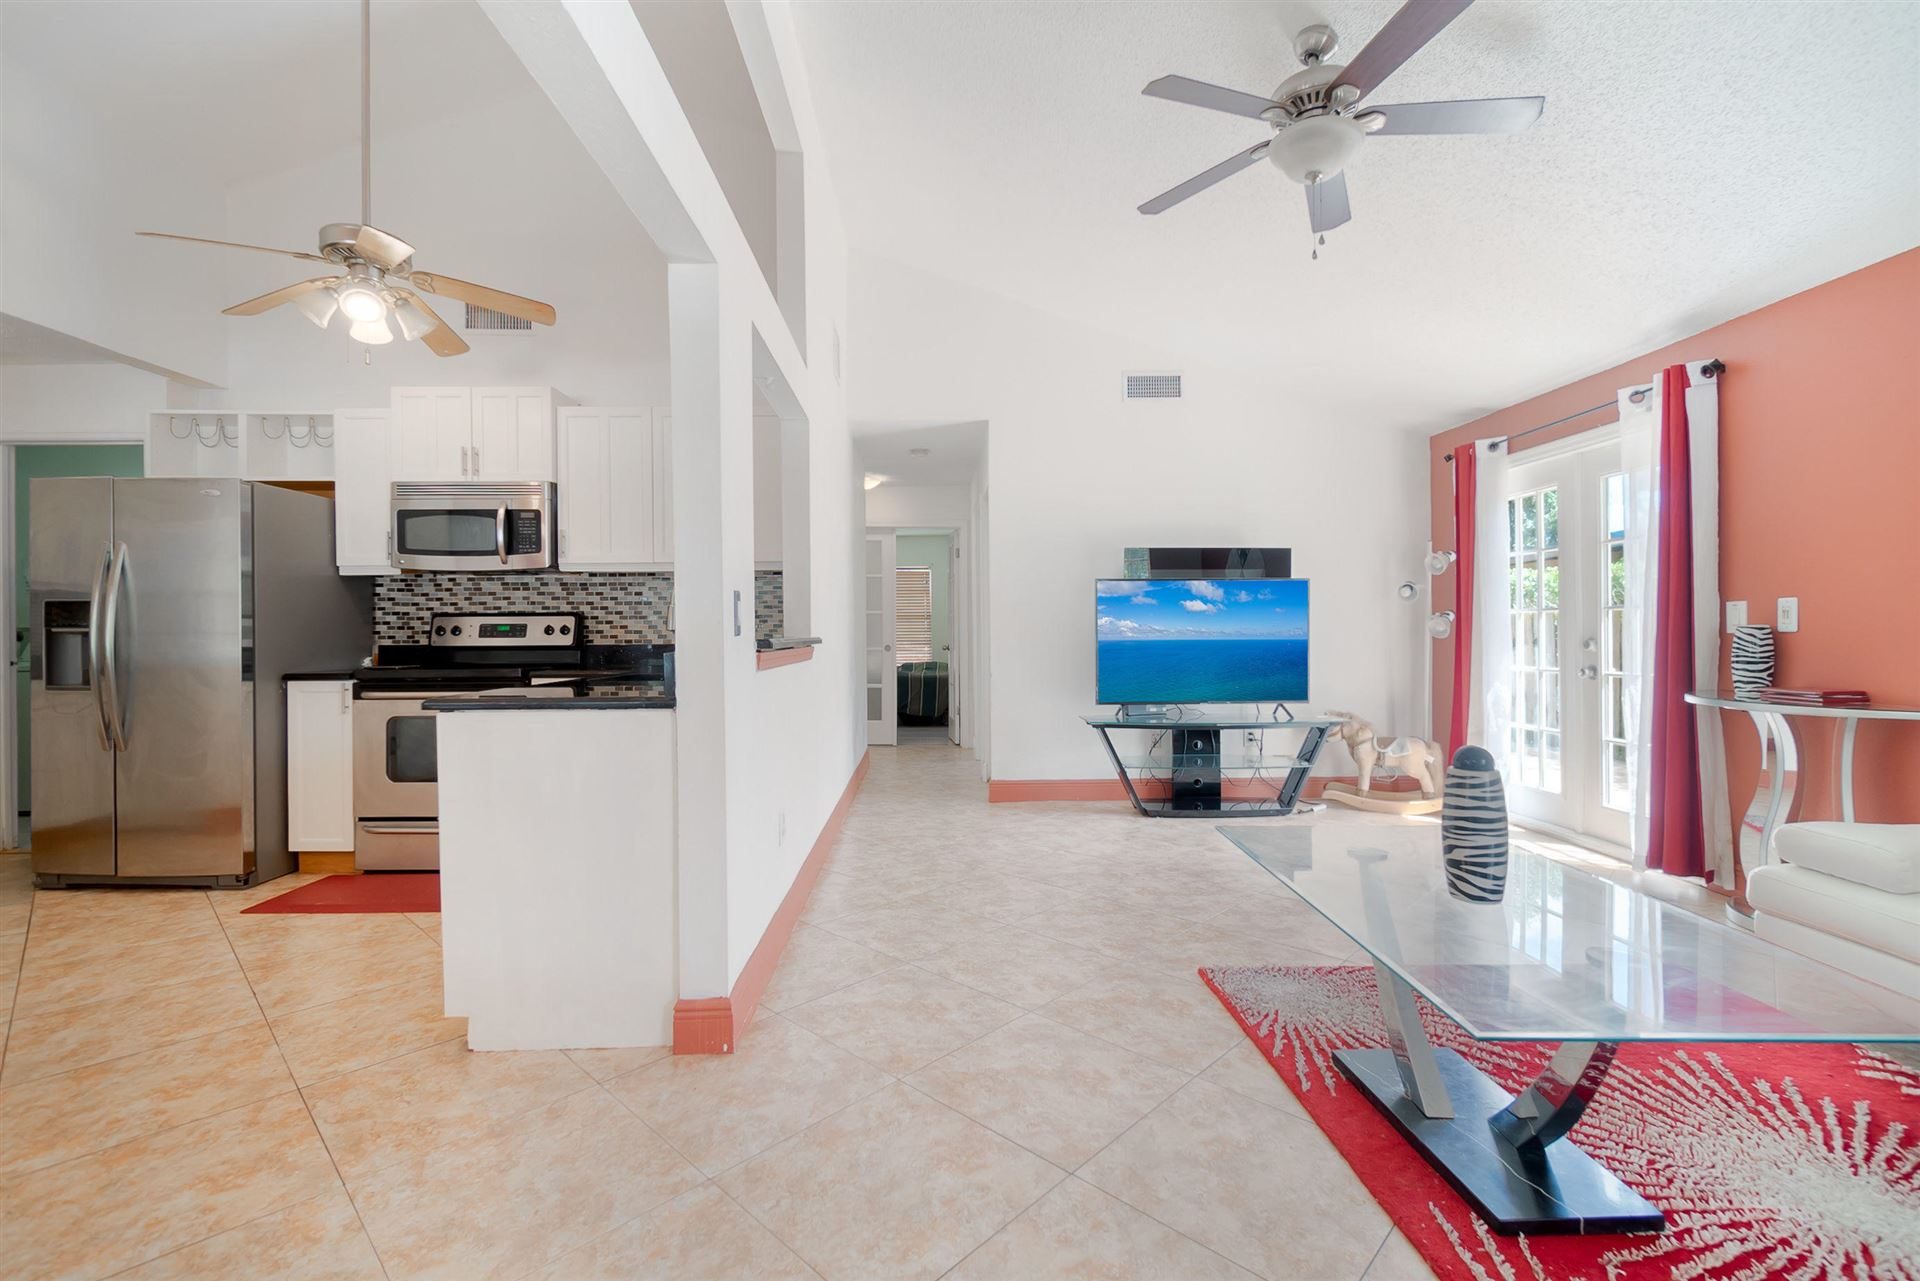 Photo of 8966 Grey Eagle Drive, Boynton Beach, FL 33472 (MLS # RX-10658156)